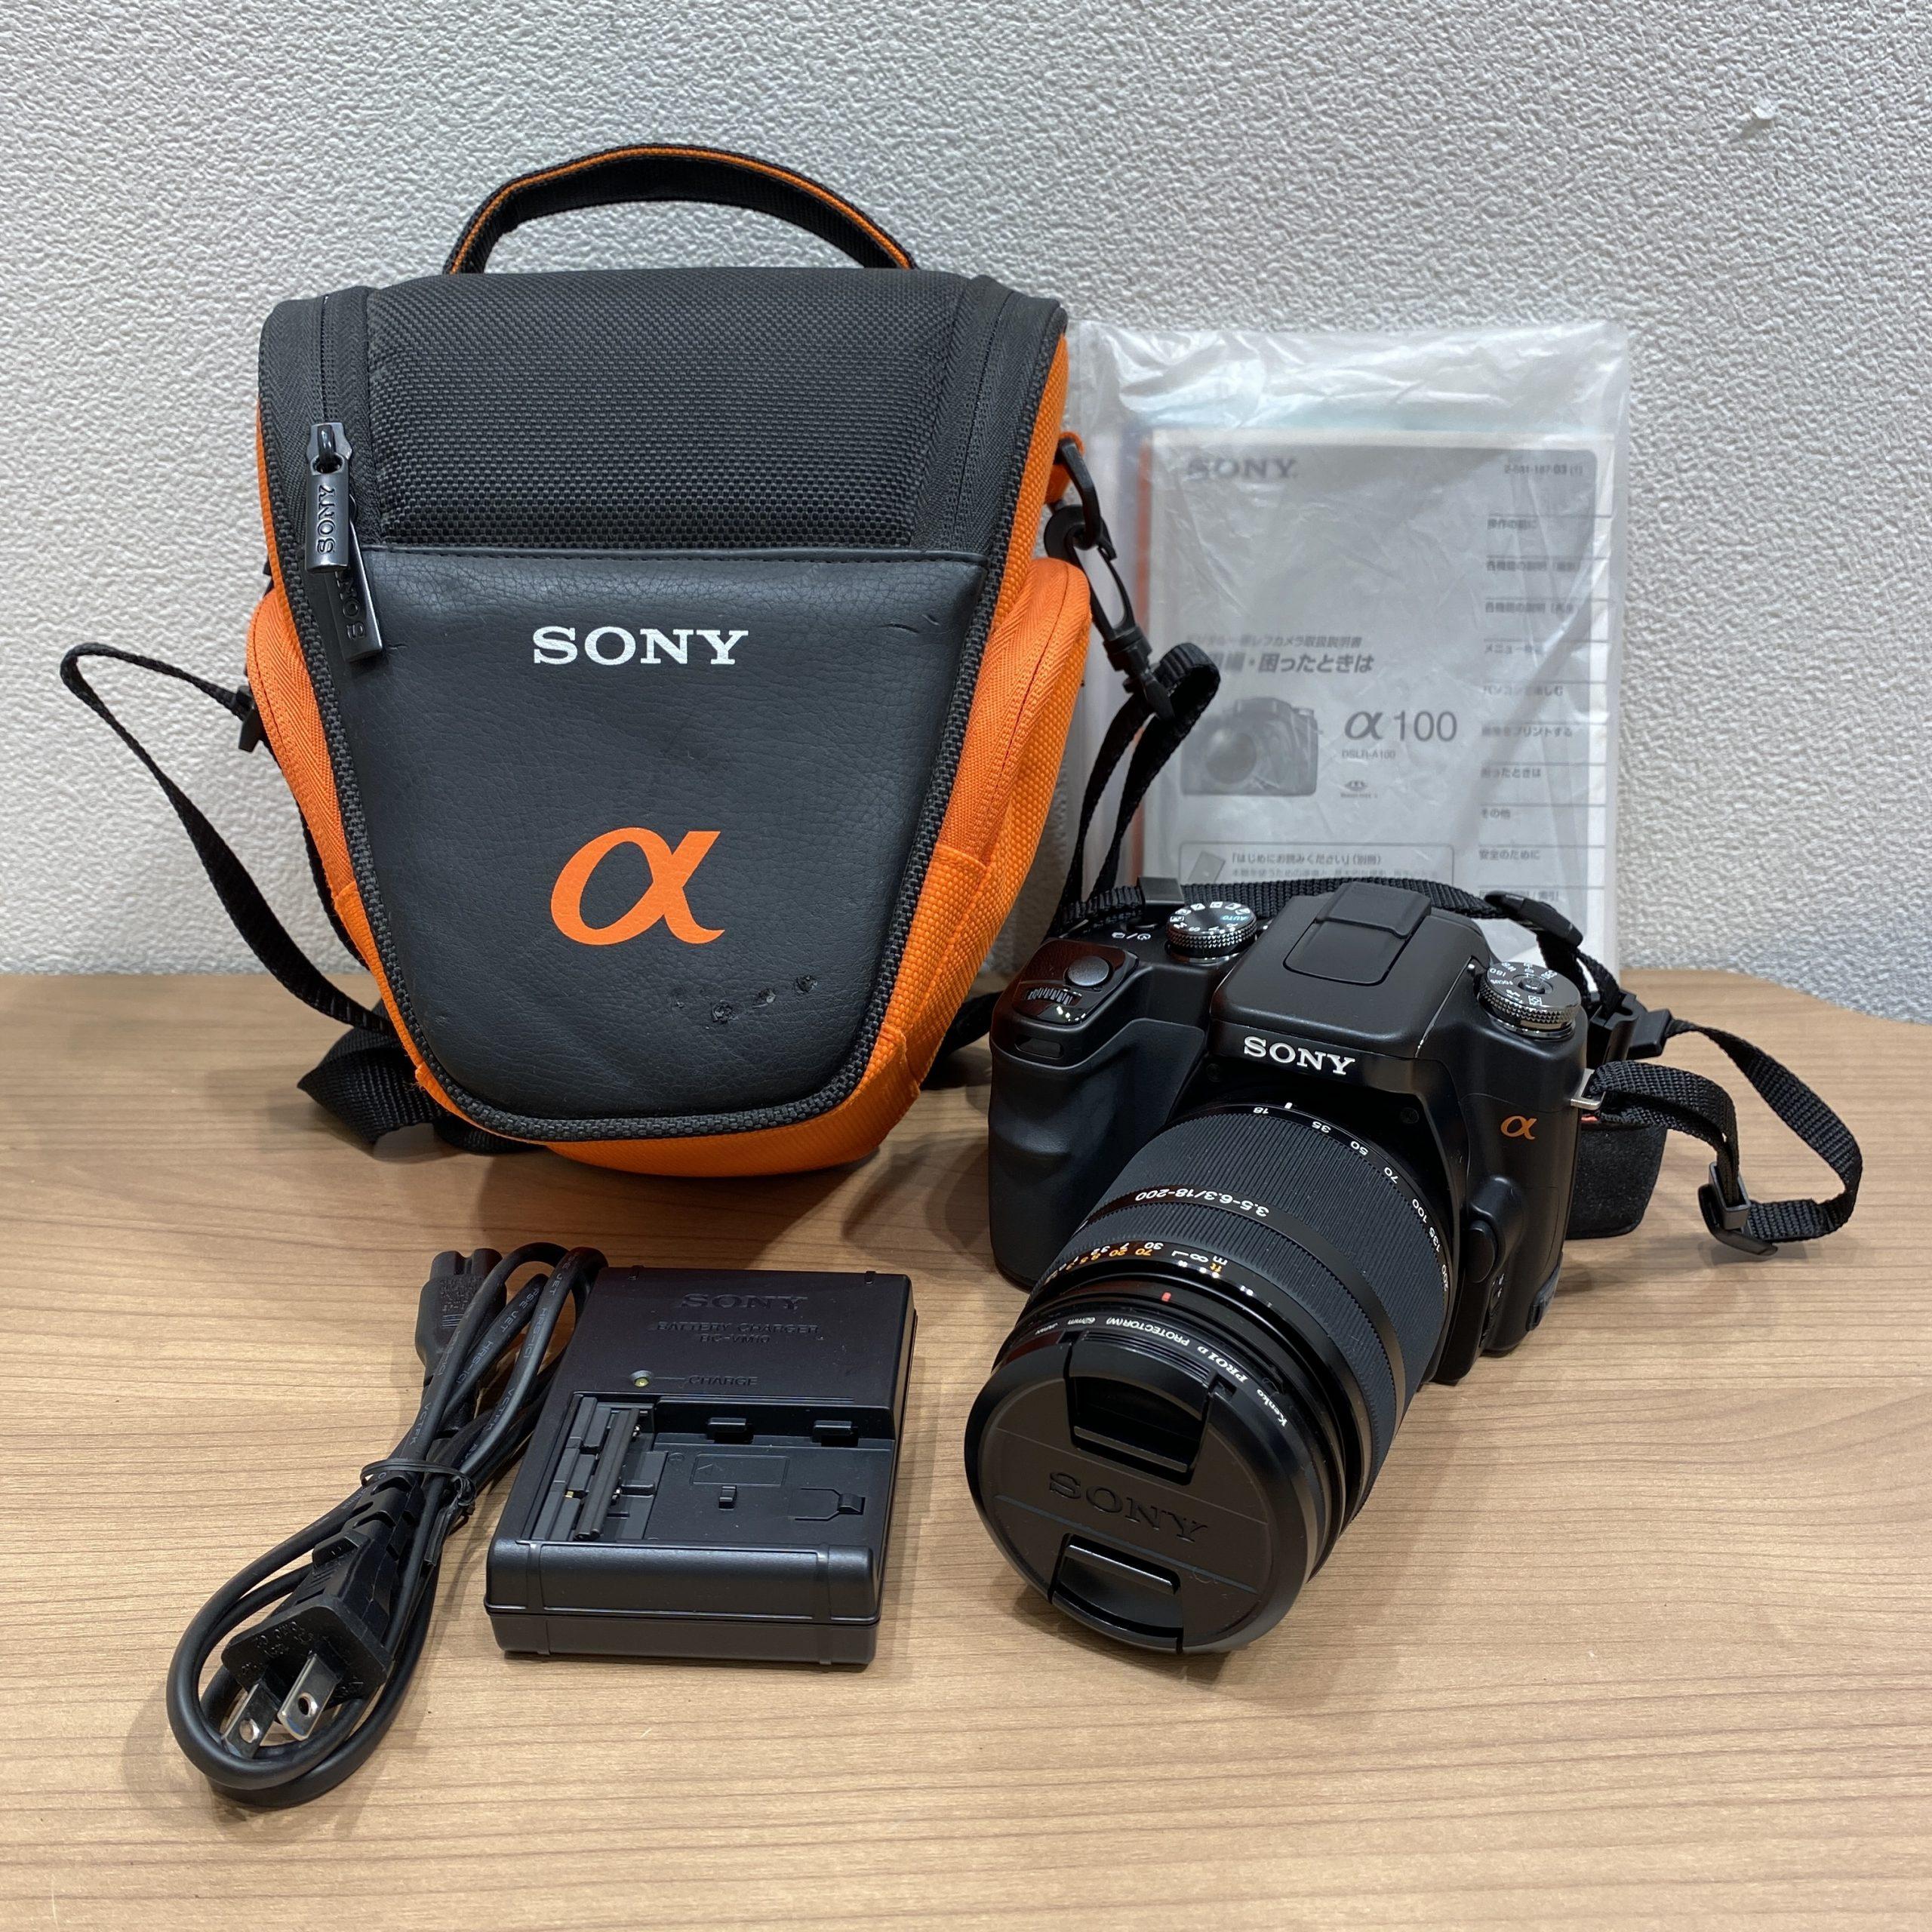 【SONY/ソニー】a100 デジタル一眼レフカメラ DSLR-A100 レンズ DT 3.5-6.3/18-200